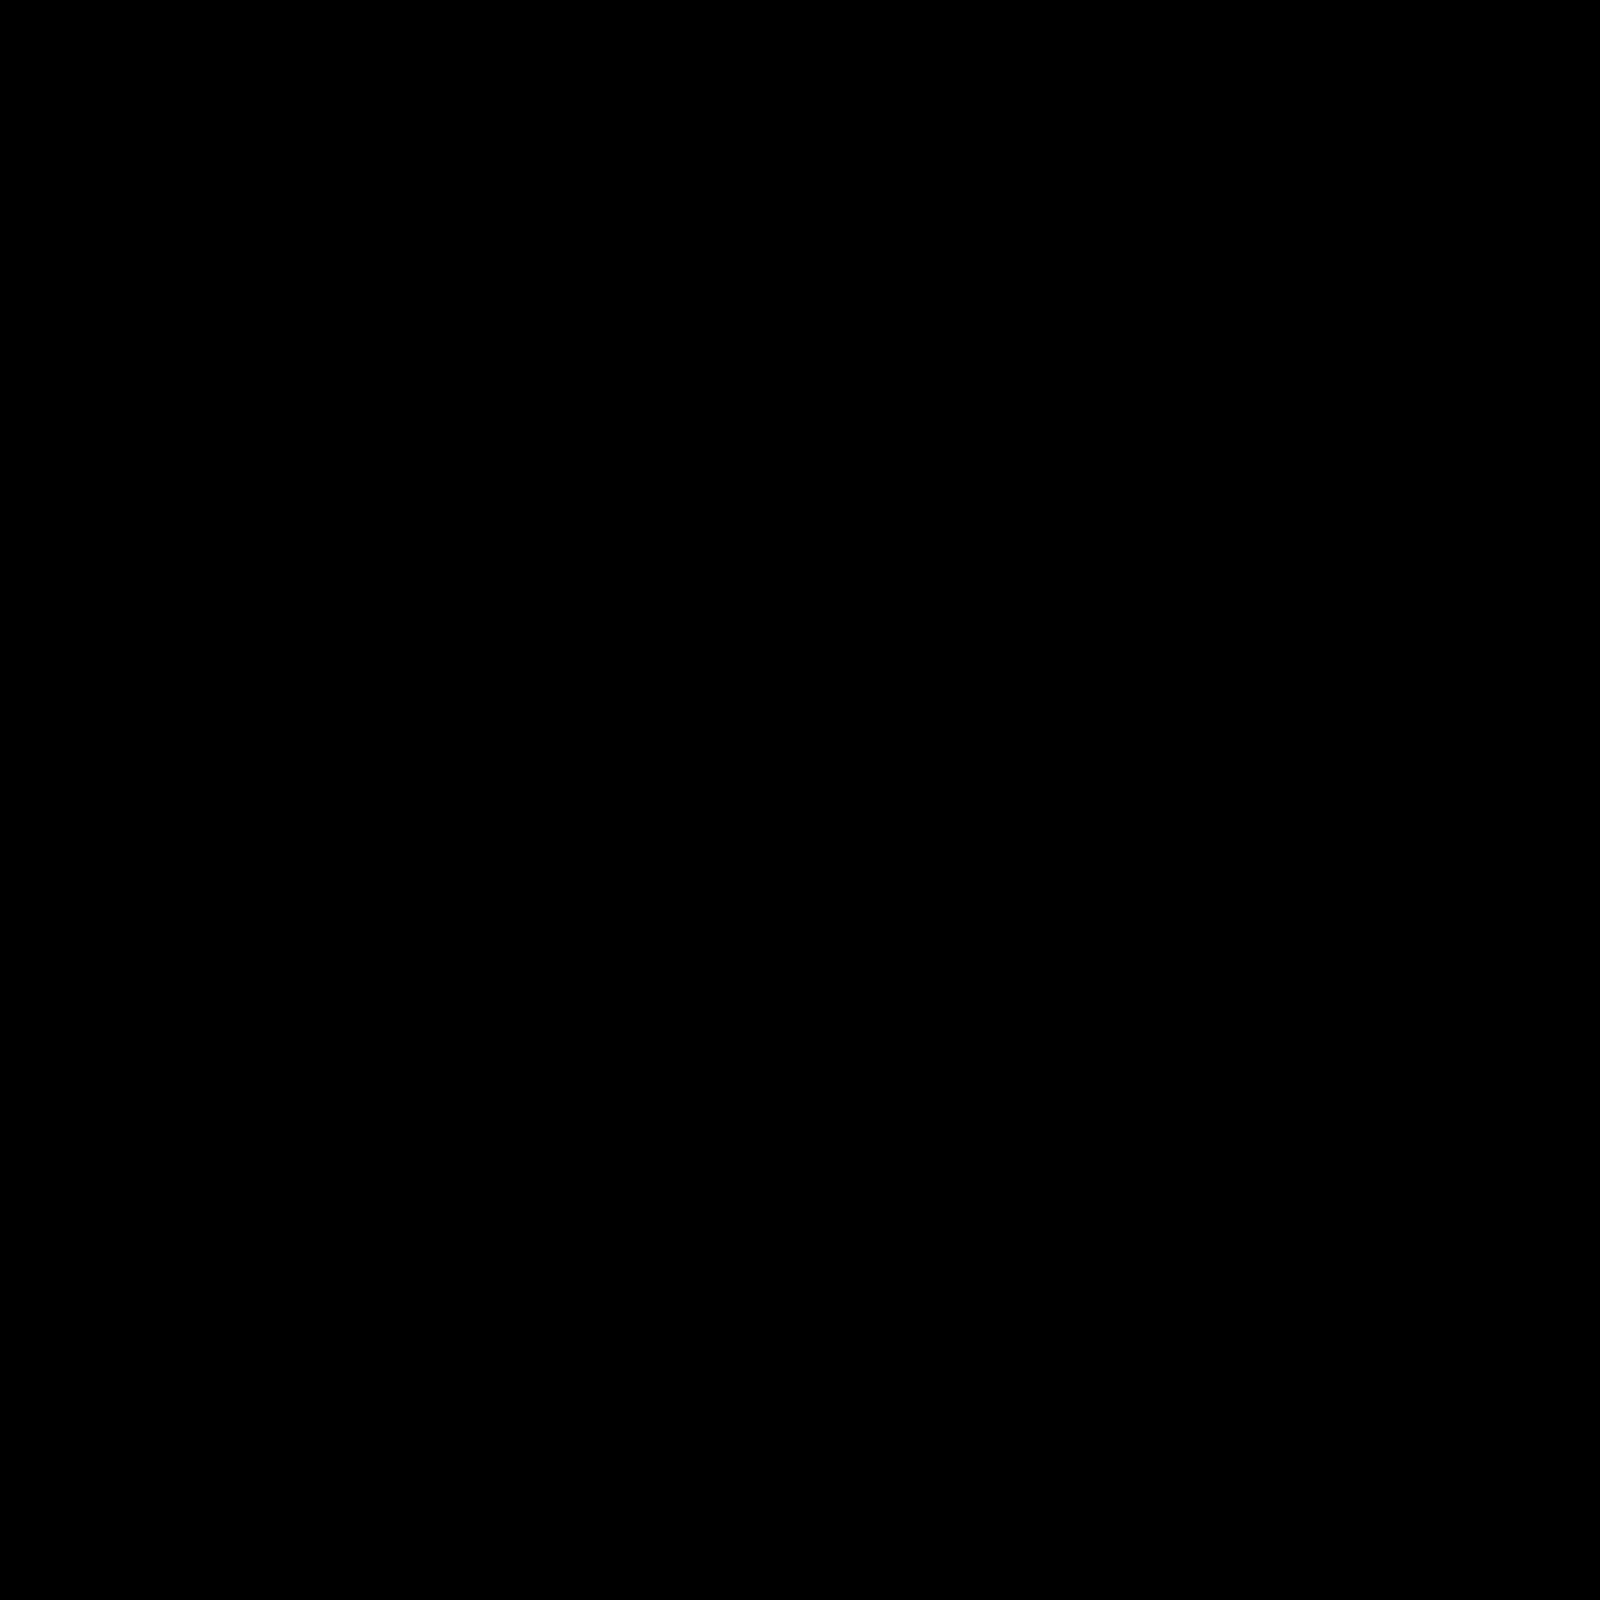 Owalność icon